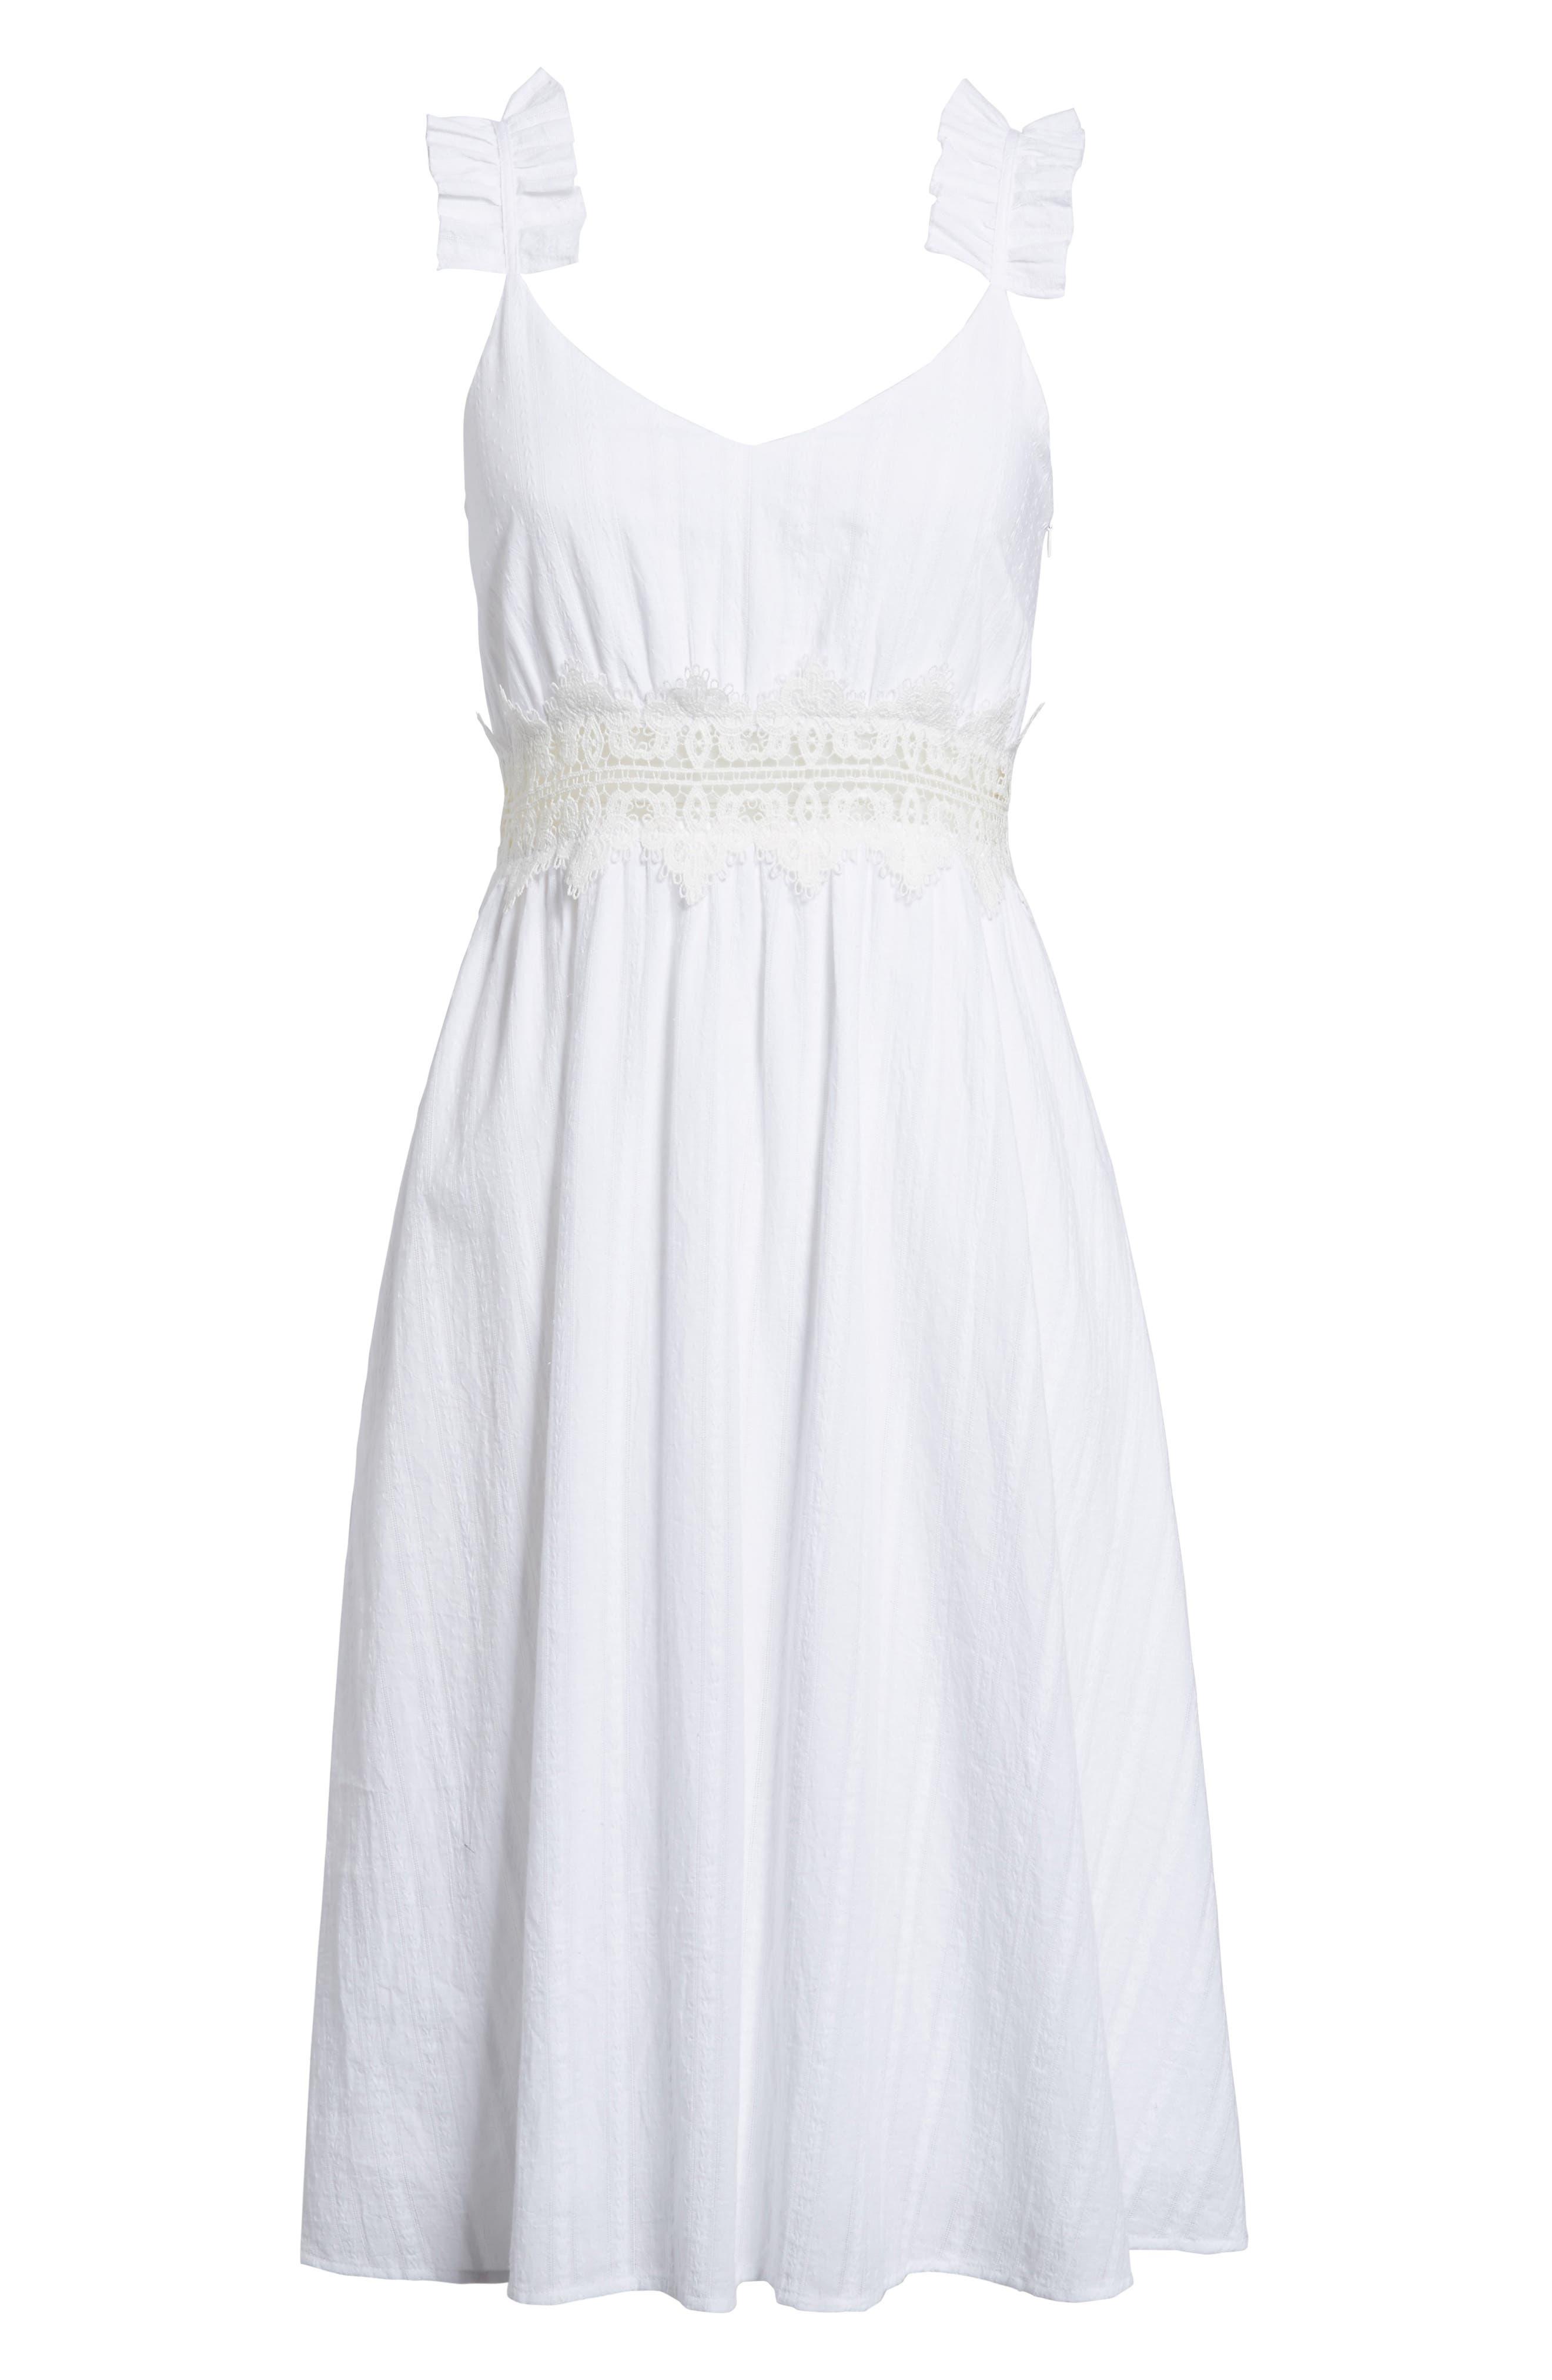 Lace Inset Cotton Dress,                             Alternate thumbnail 6, color,                             100